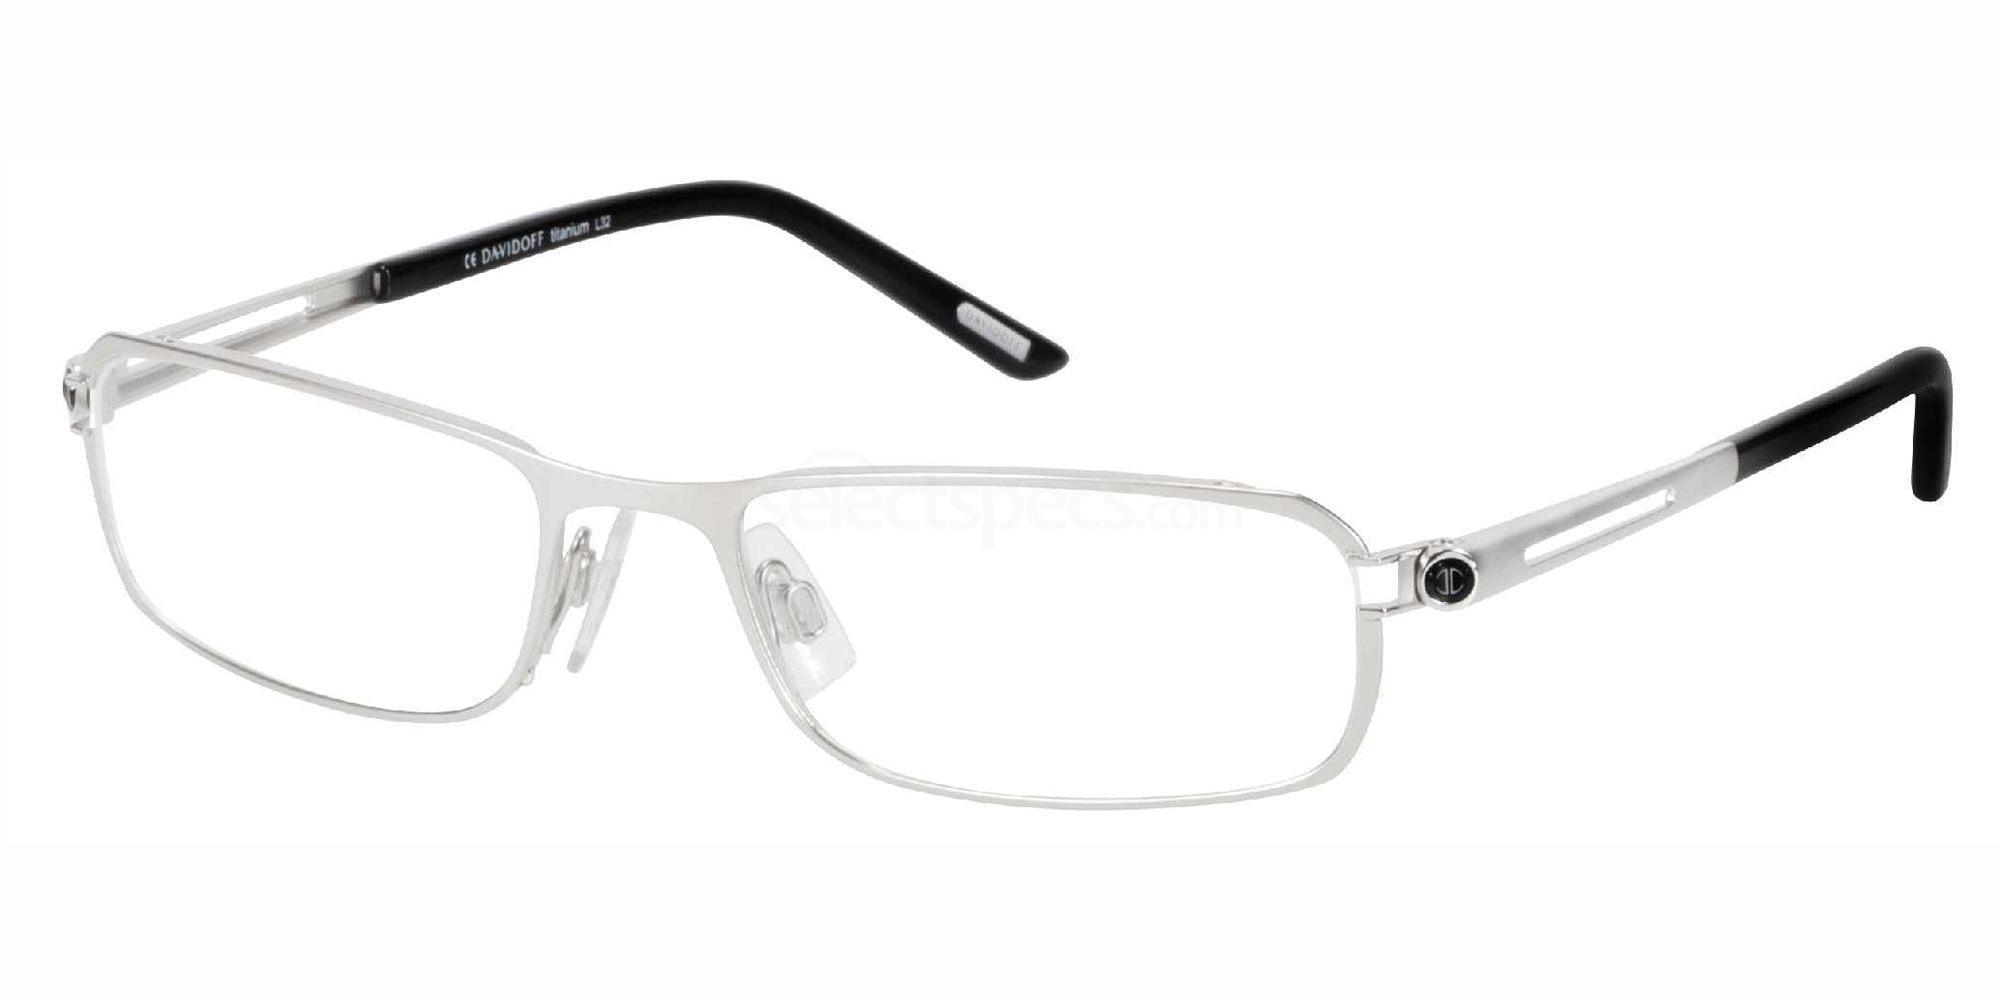 110 95500 Glasses, DAVIDOFF Eyewear